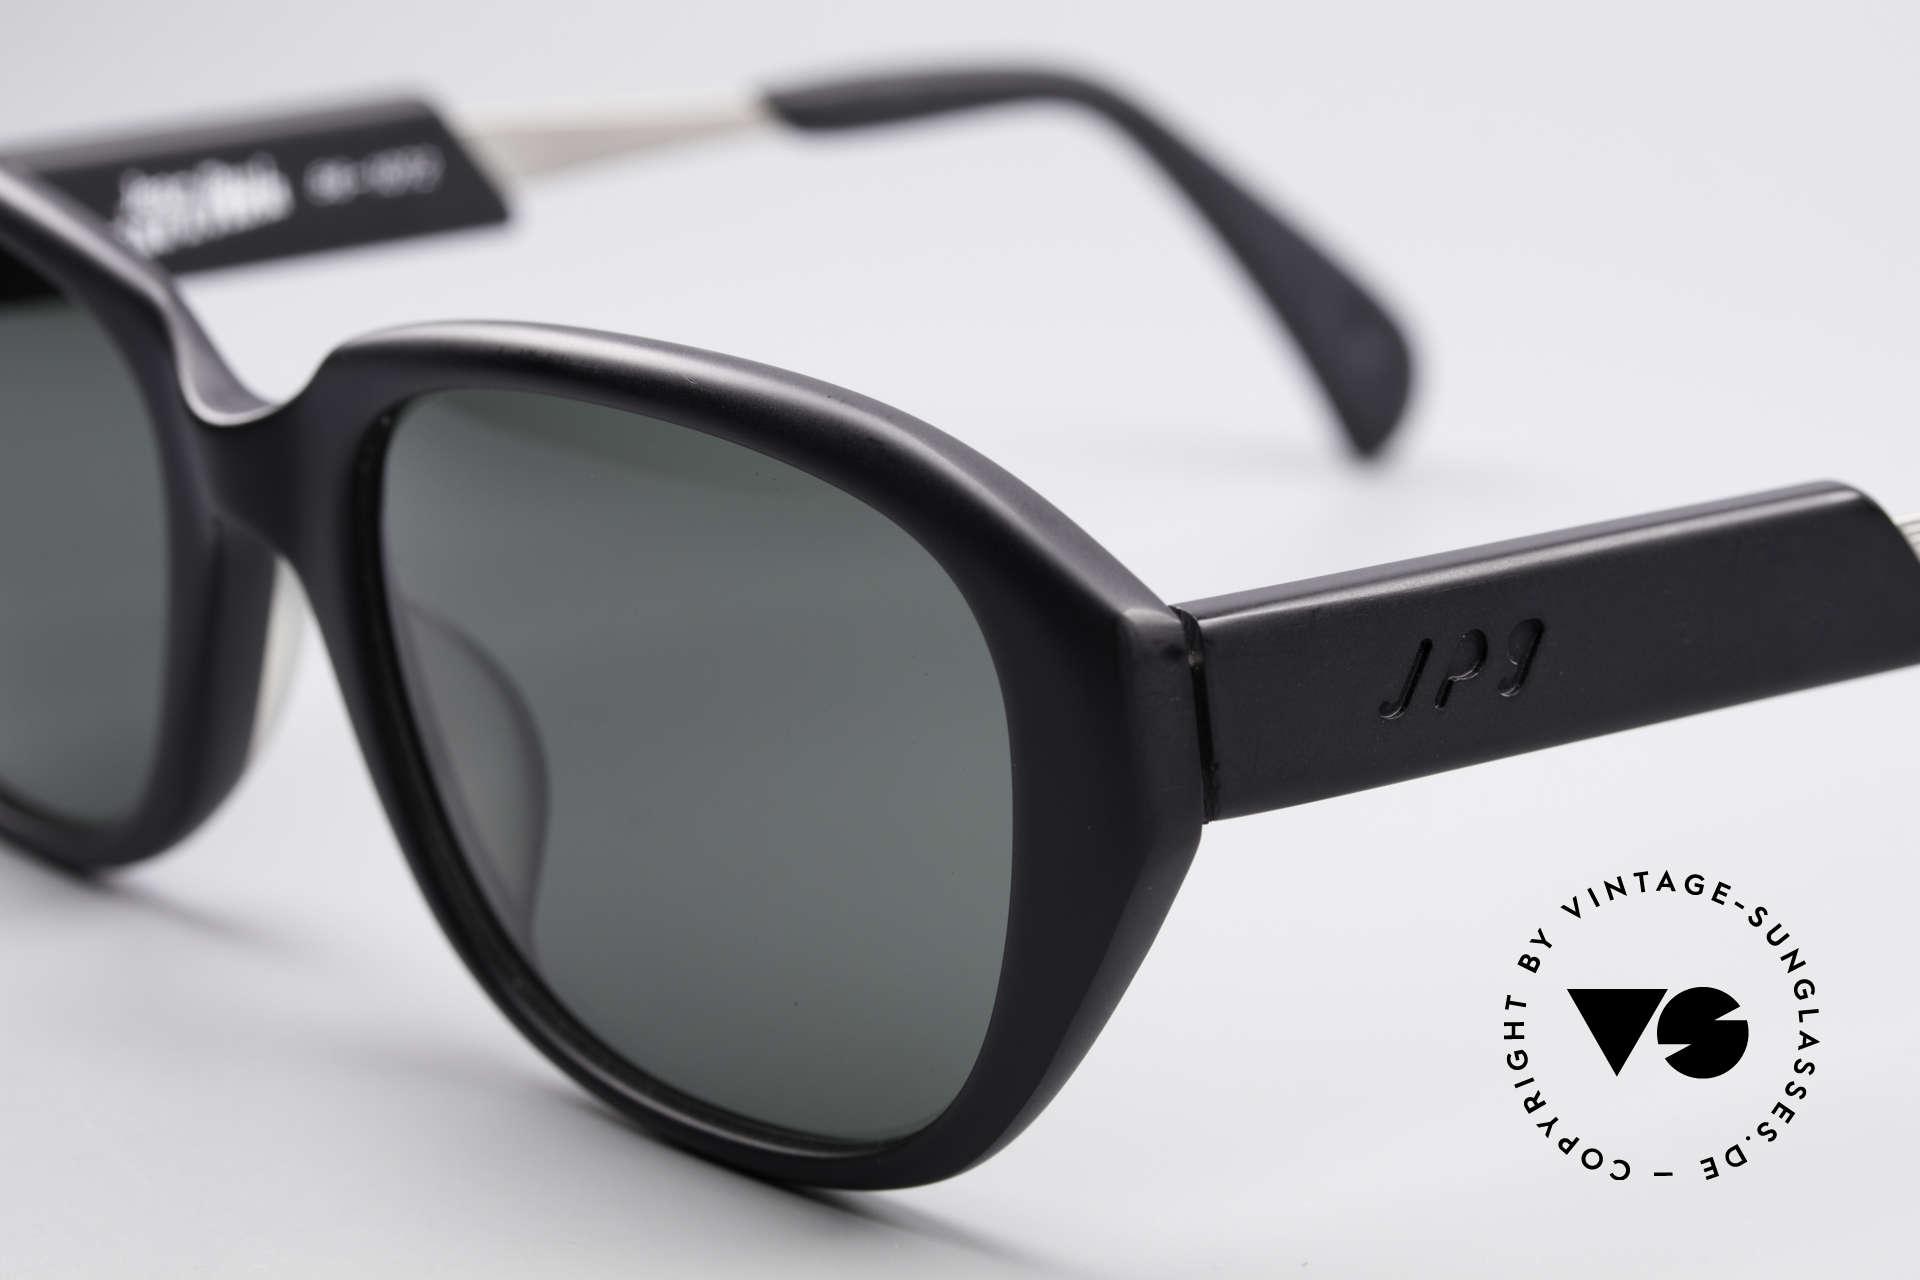 Jean Paul Gaultier 56-1072 Designer 90er Sonnenbrille, ungetragen (wie alle unsere vintage Designerstücke), Passend für Herren und Damen